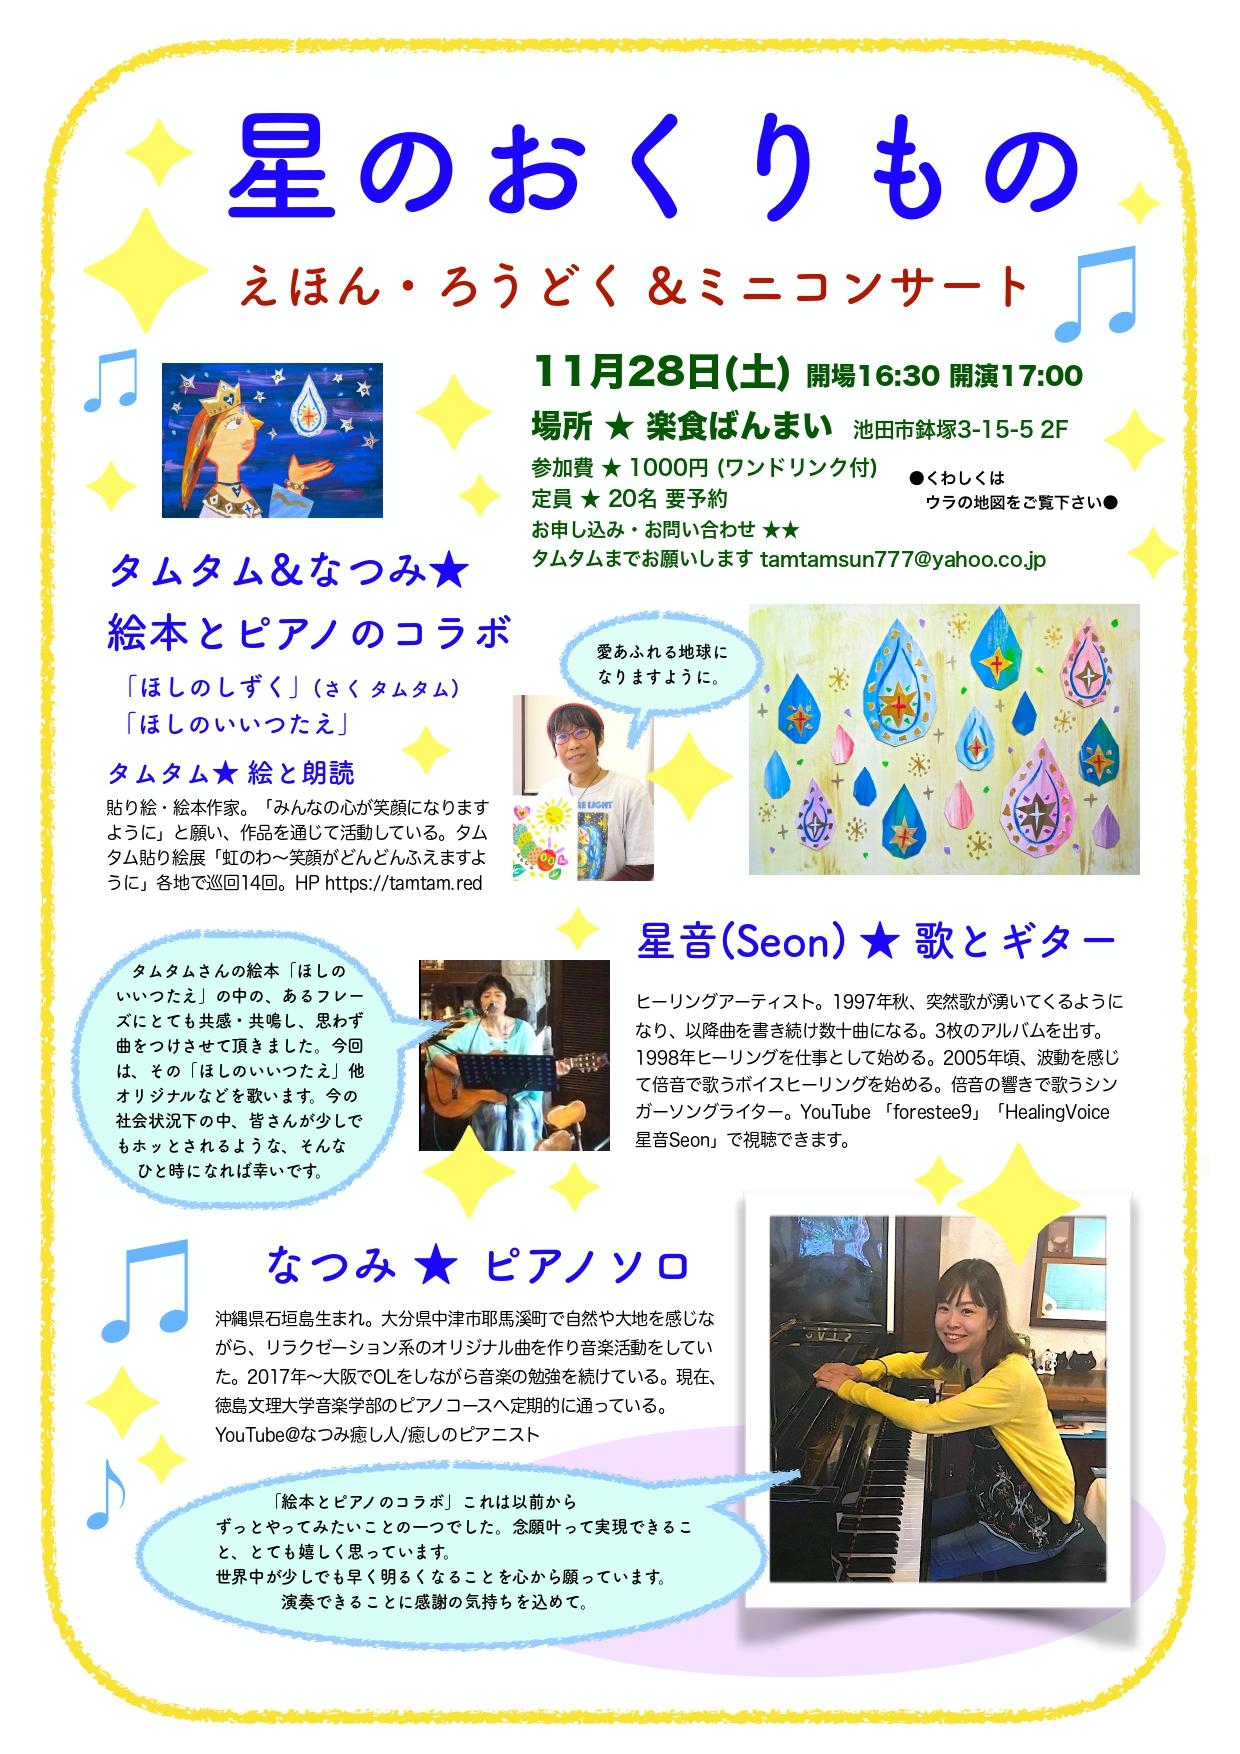 ばんまいイベントチラシ 星のおくりもの 表.jpg